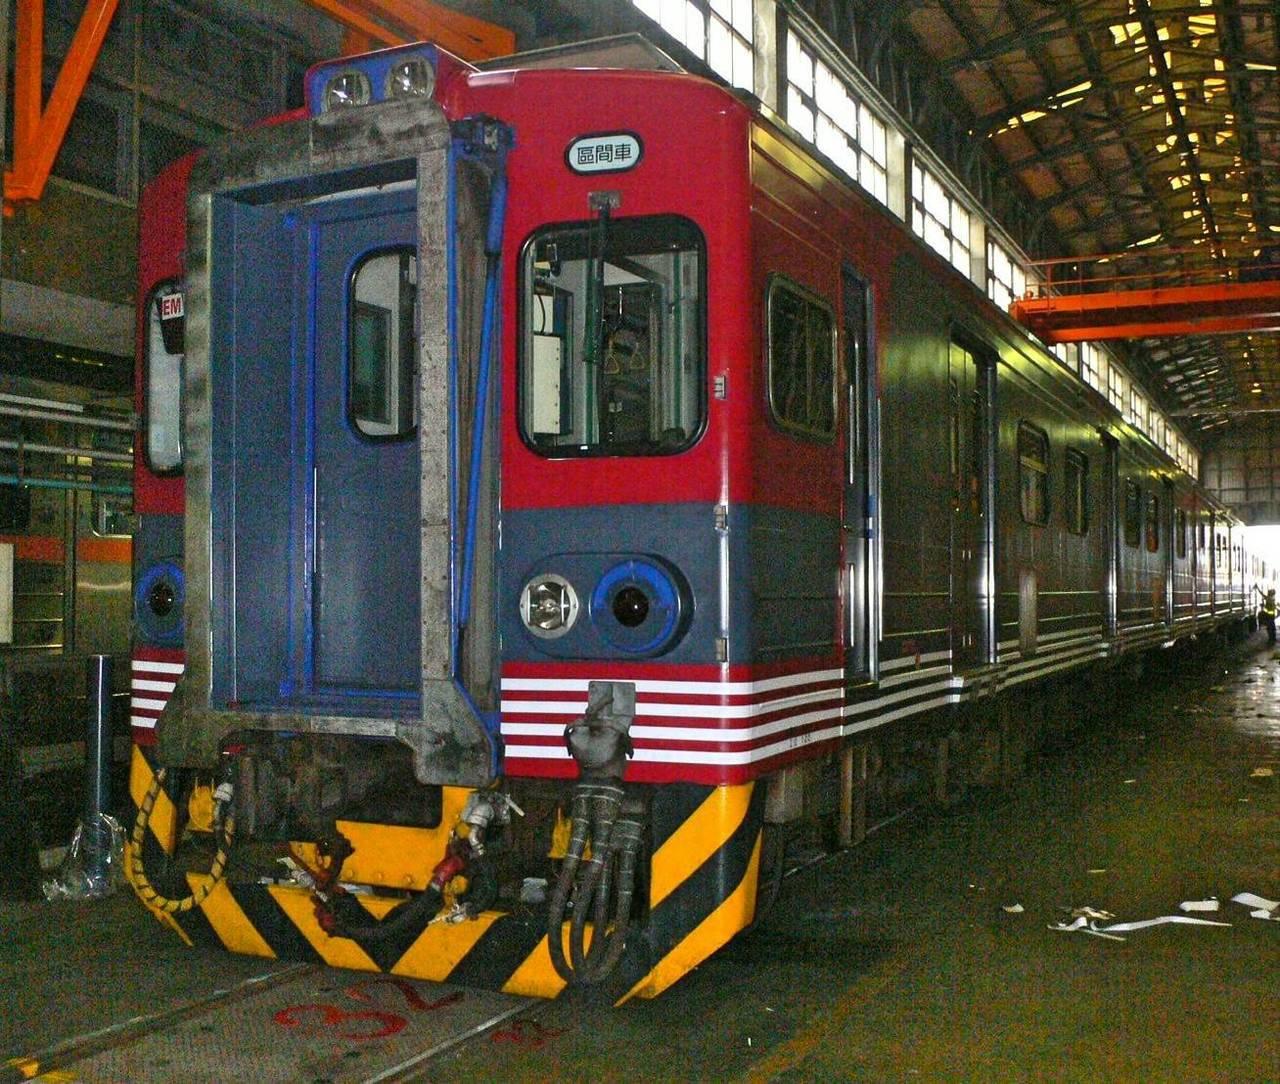 台鐵後天將推出EMU500型列車彩繪信濃鐵道115系列車。圖/台鐵提供